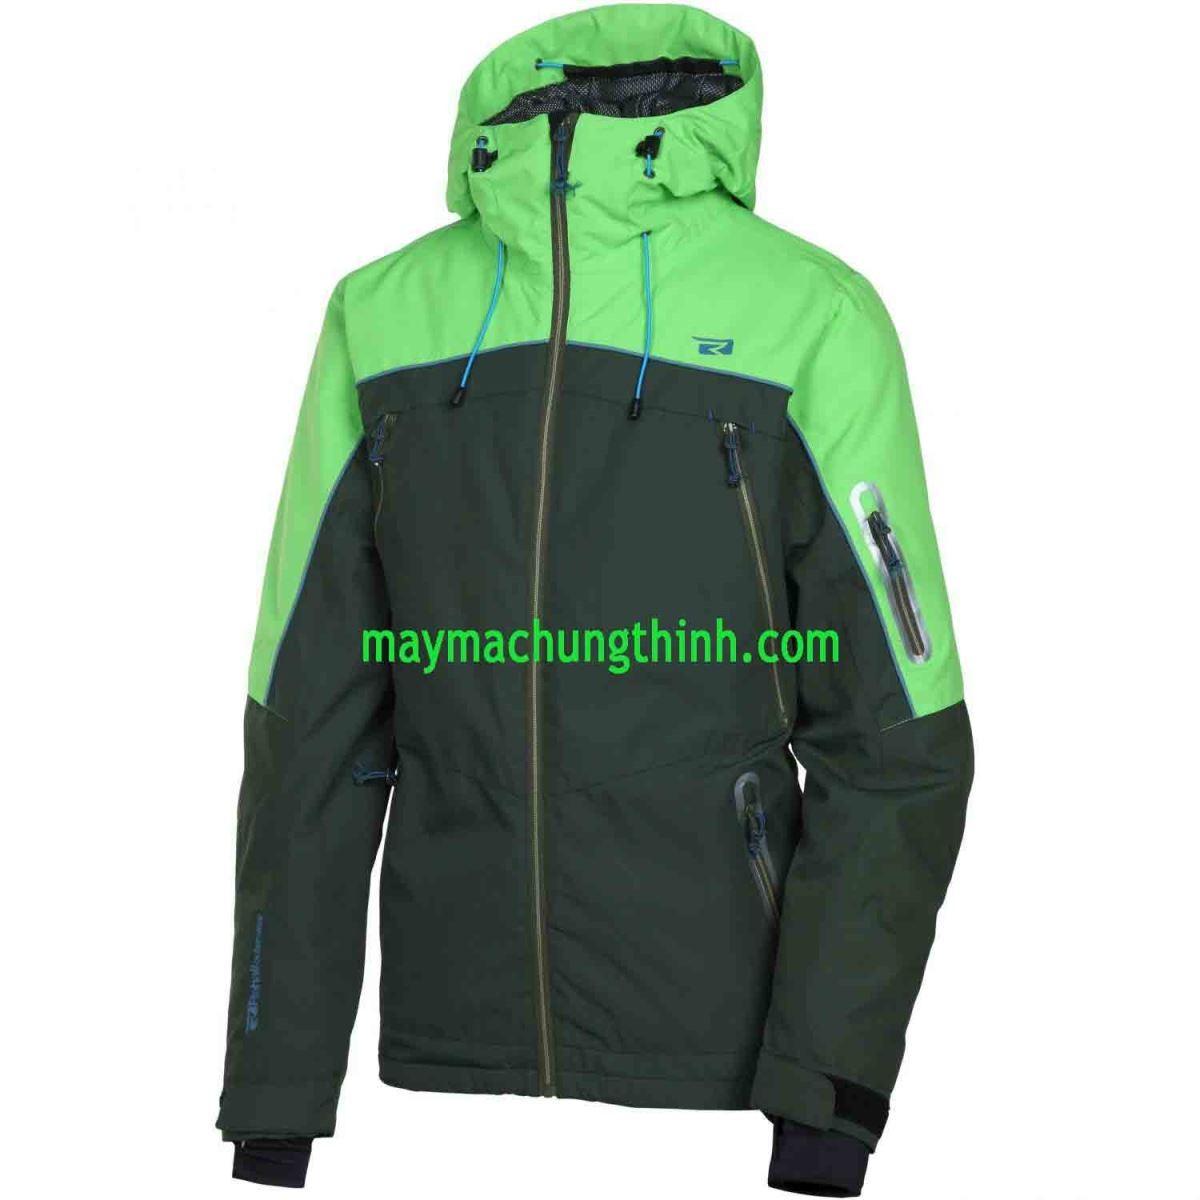 Cách tìm xưởng may áo khoác ,xưởng may áo gió giá rẻ Ảnh số 42570526